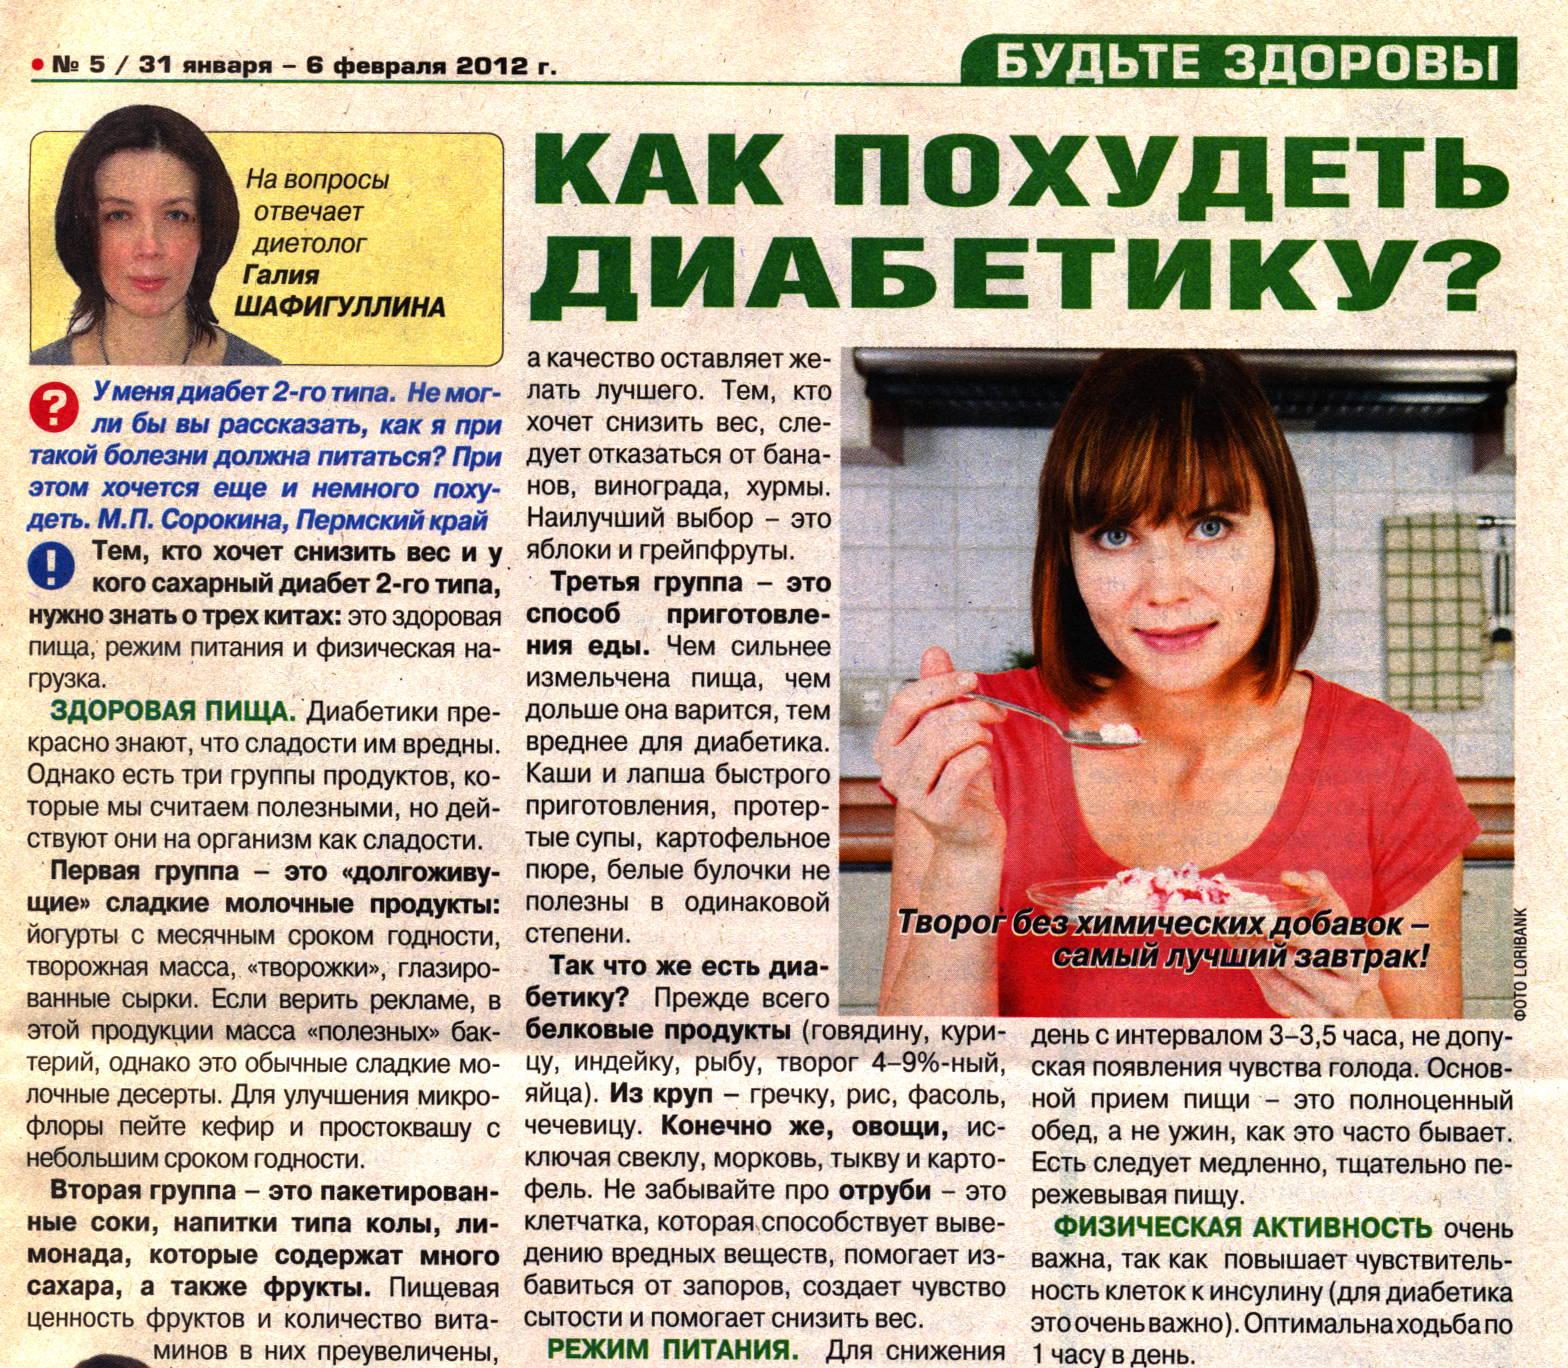 консультация диетолога в новосибирске